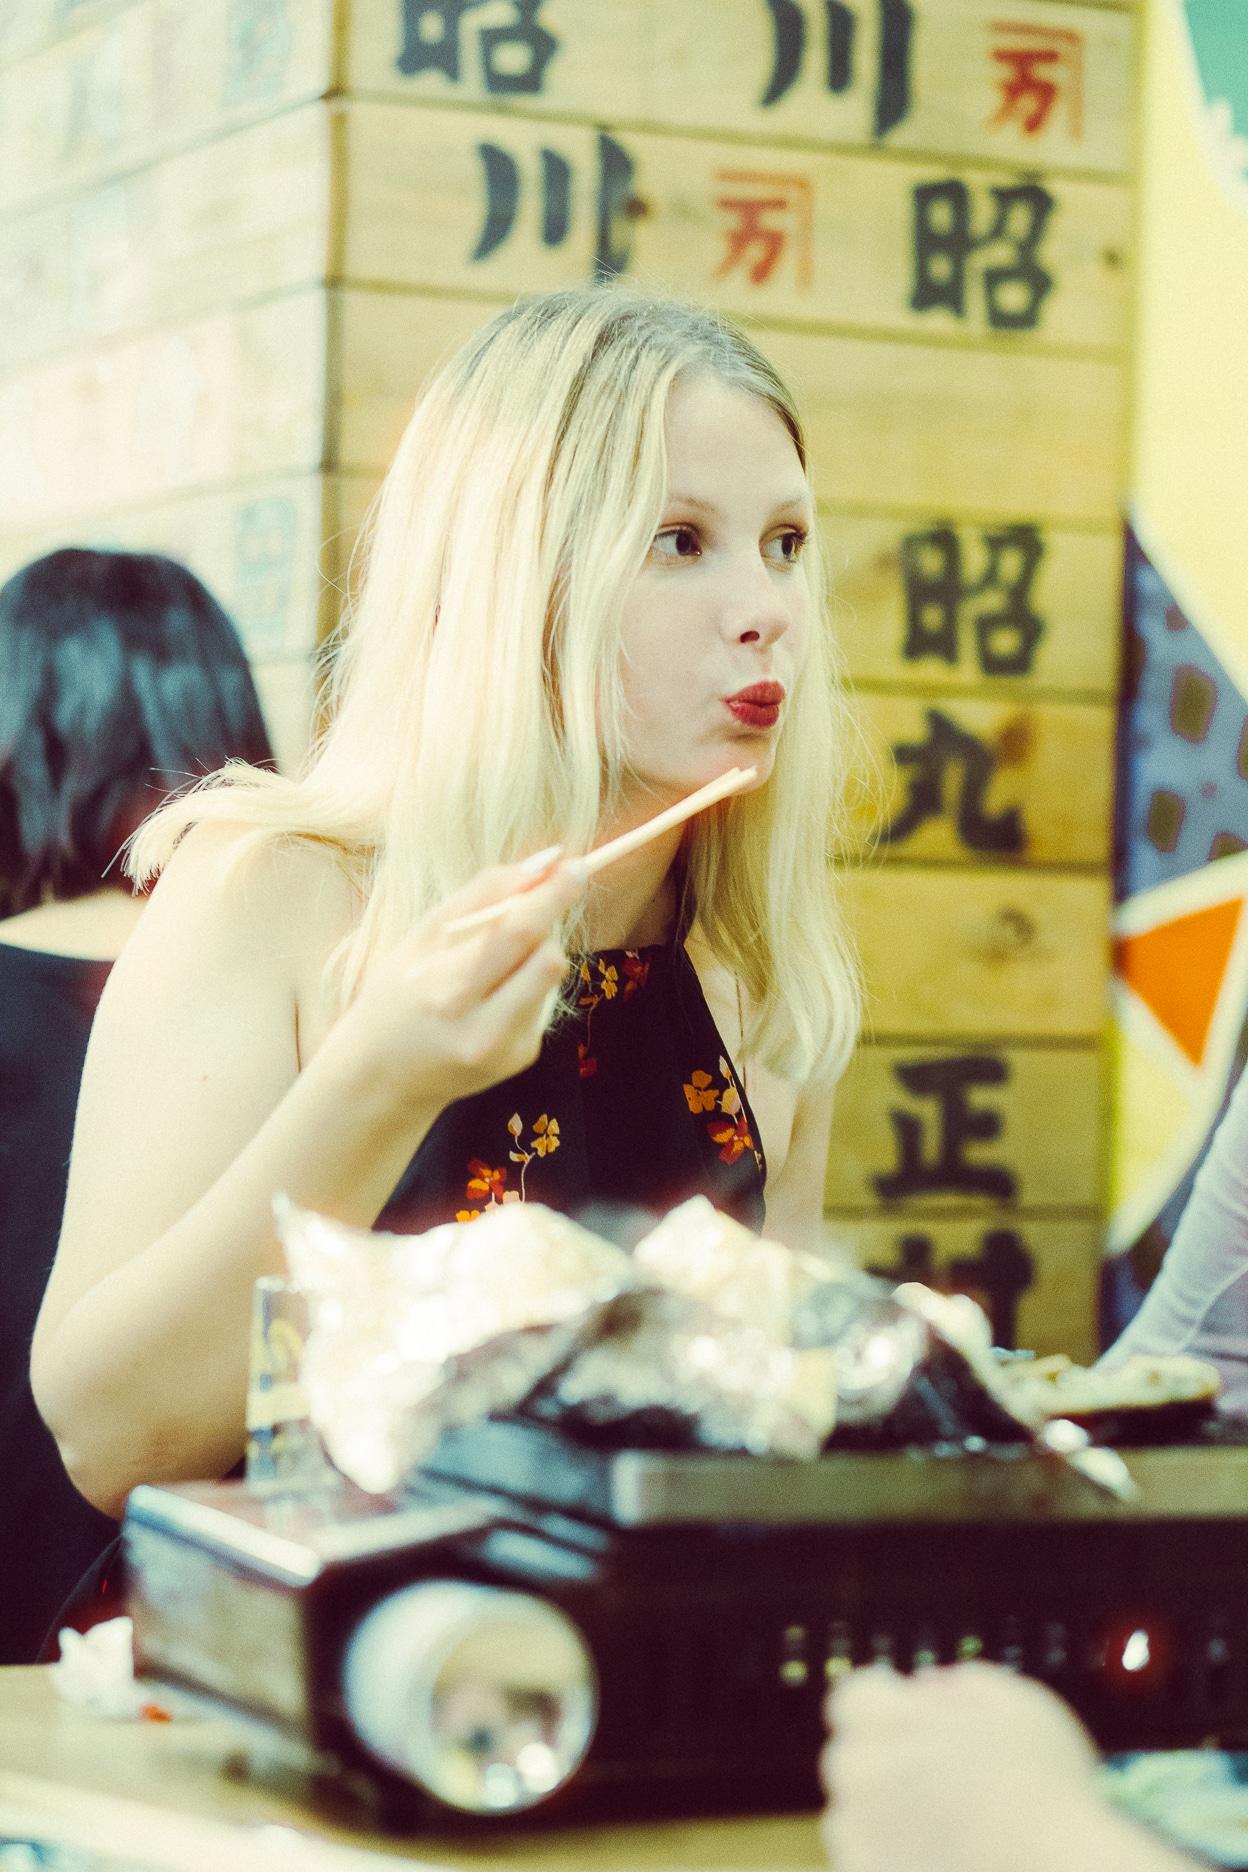 Das Portrait zeigt eine junge blonde Frau namens Daria im Nachtleben von Tokyo, aufgenommen wurden die Bilder von dem Fotografen für Sedcards, Schauspielerfotografie und Reportage Daniel Schubert.